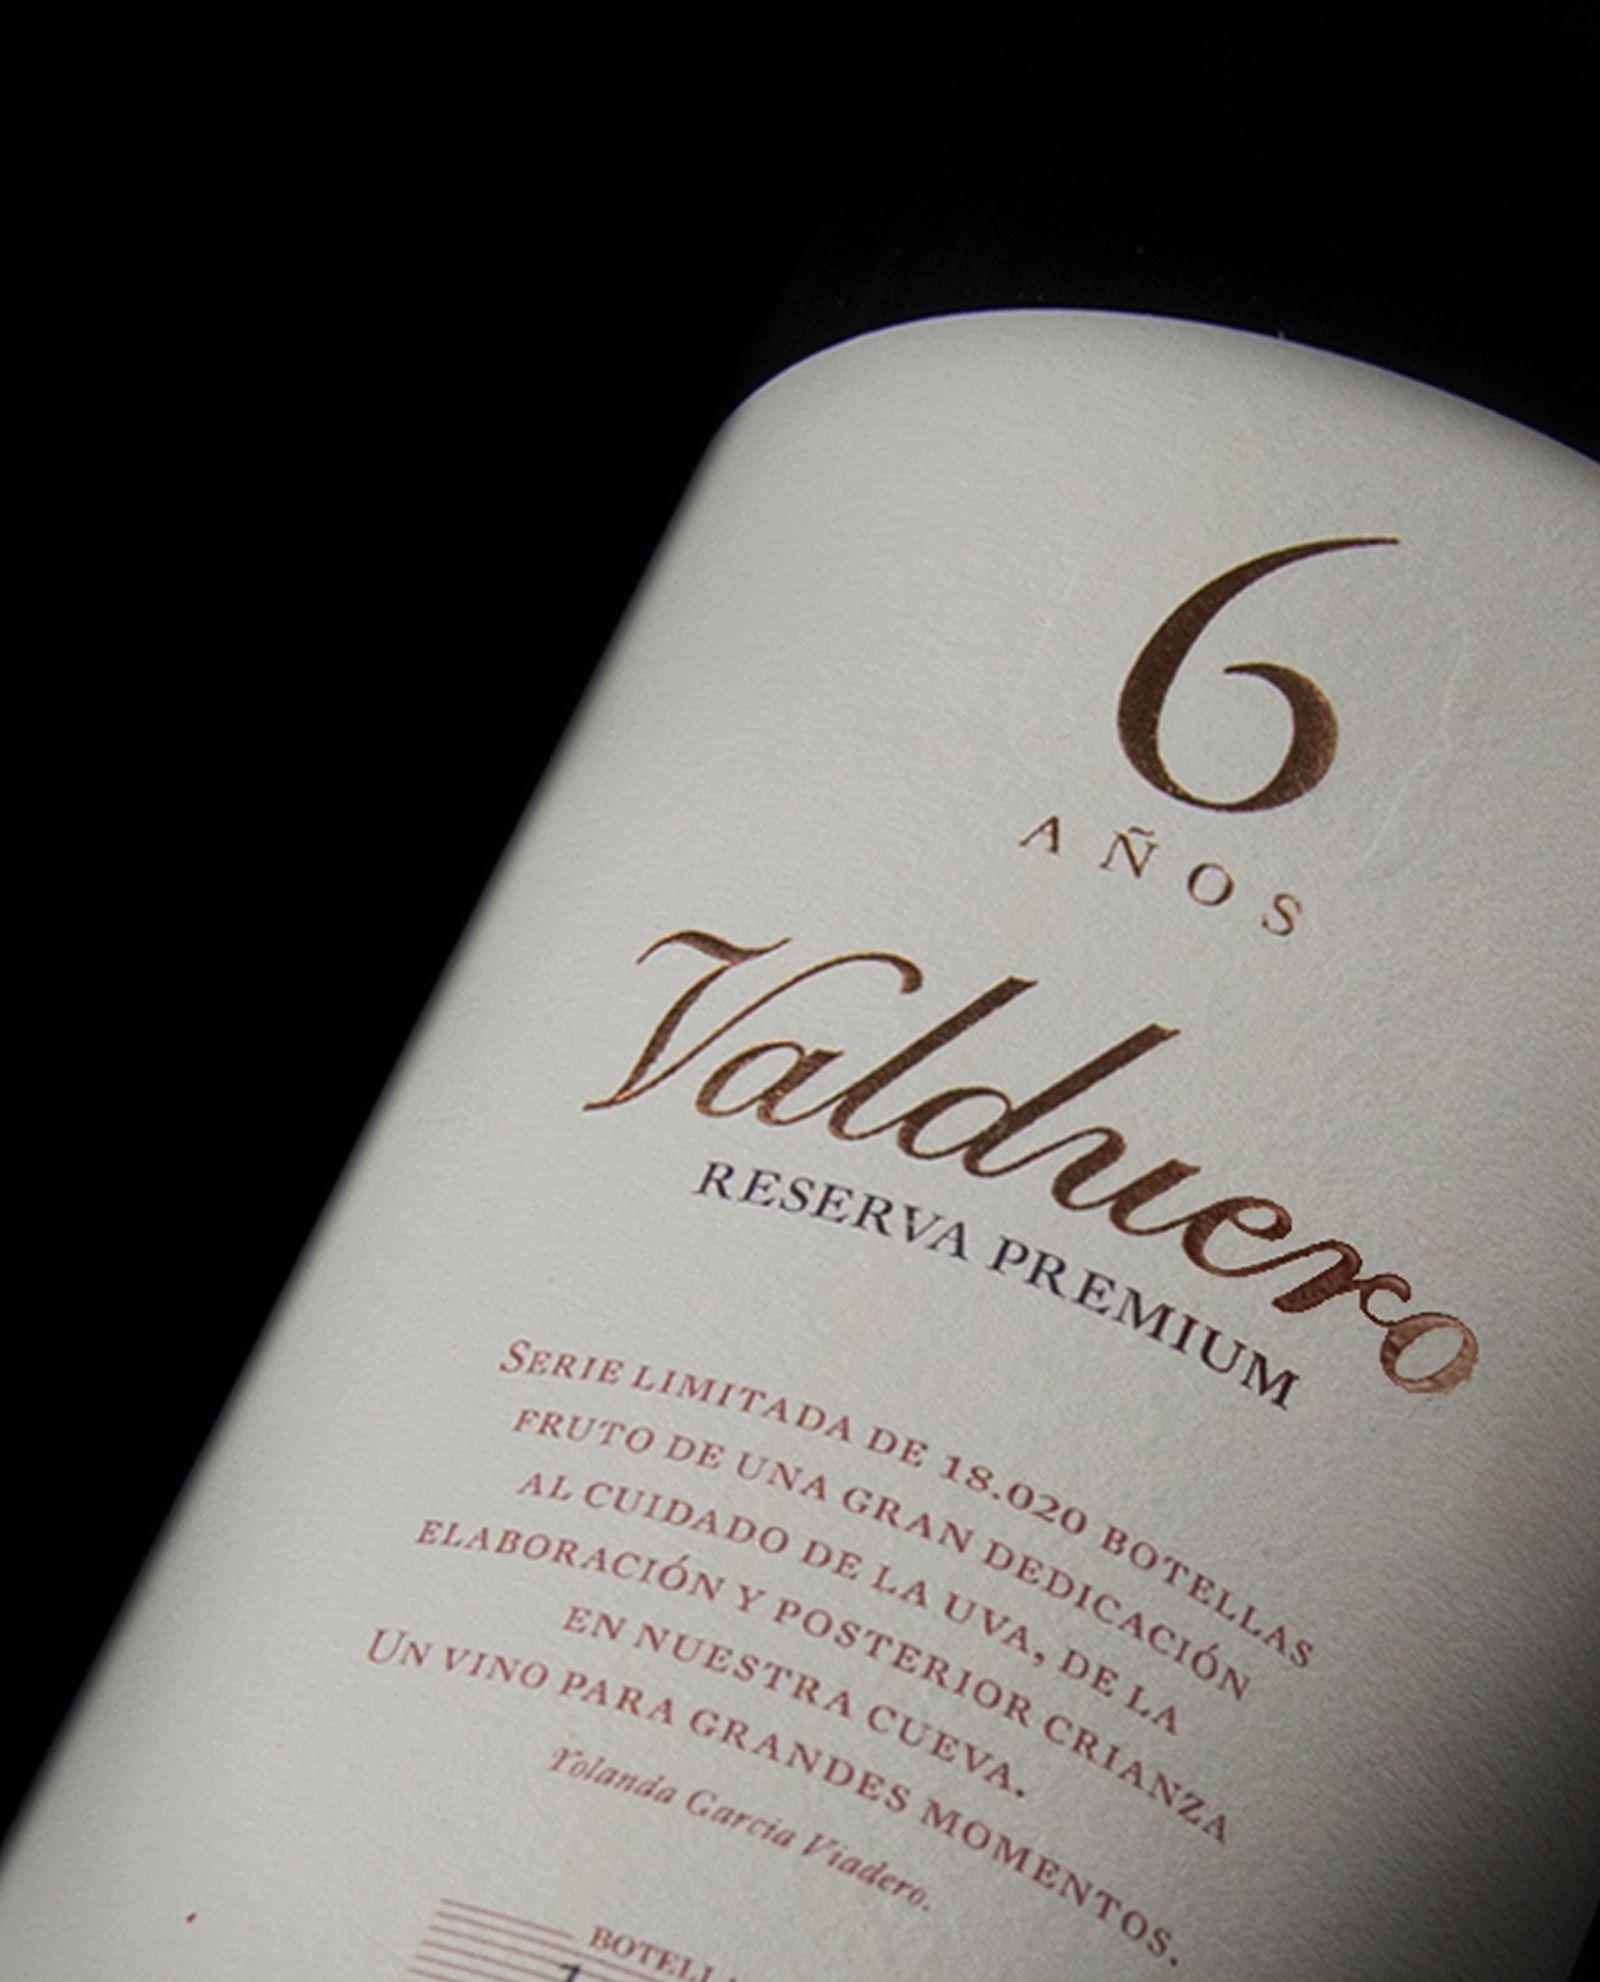 Detalle de botella de Valduero 6 años